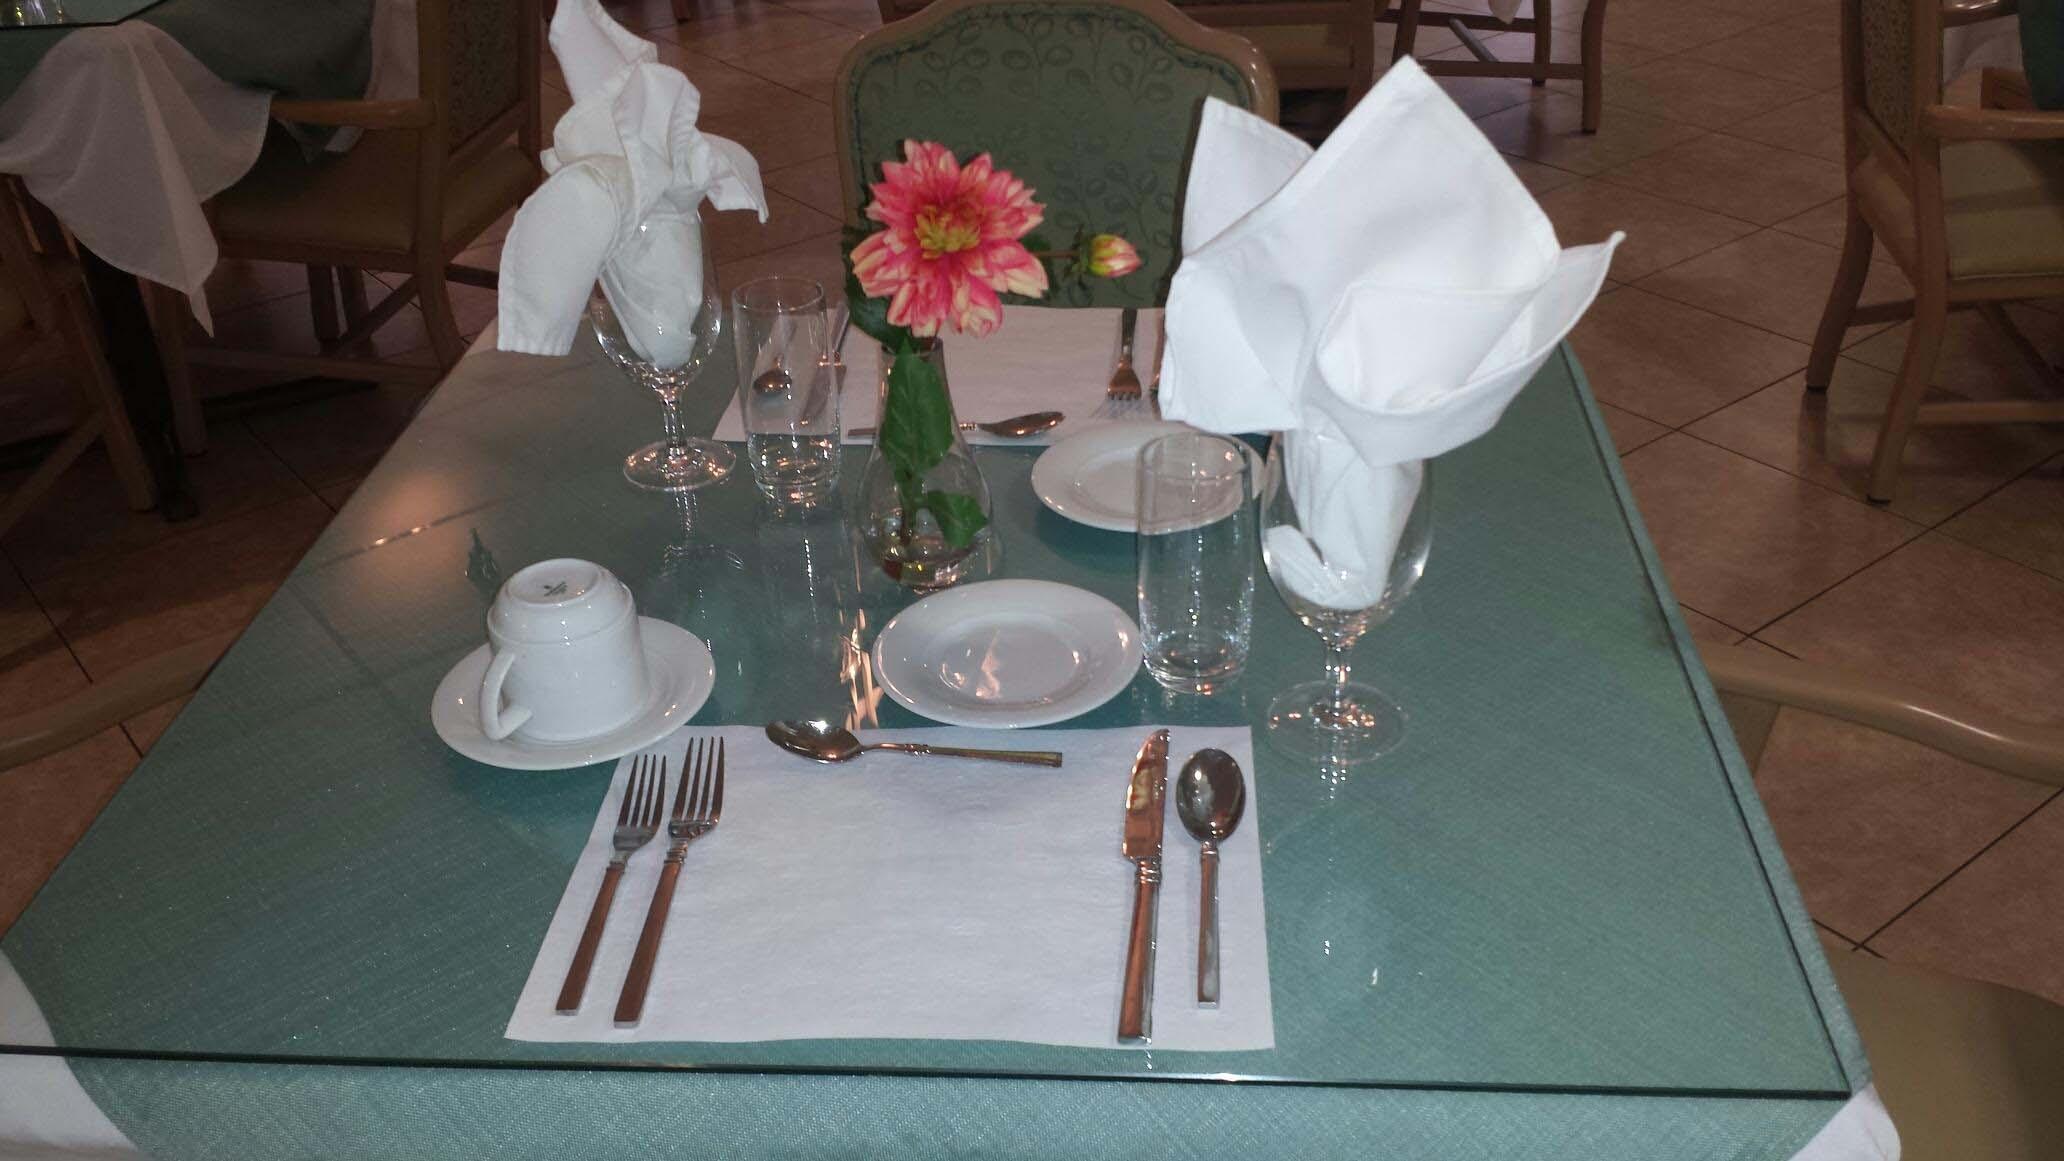 Aventura dining table linens